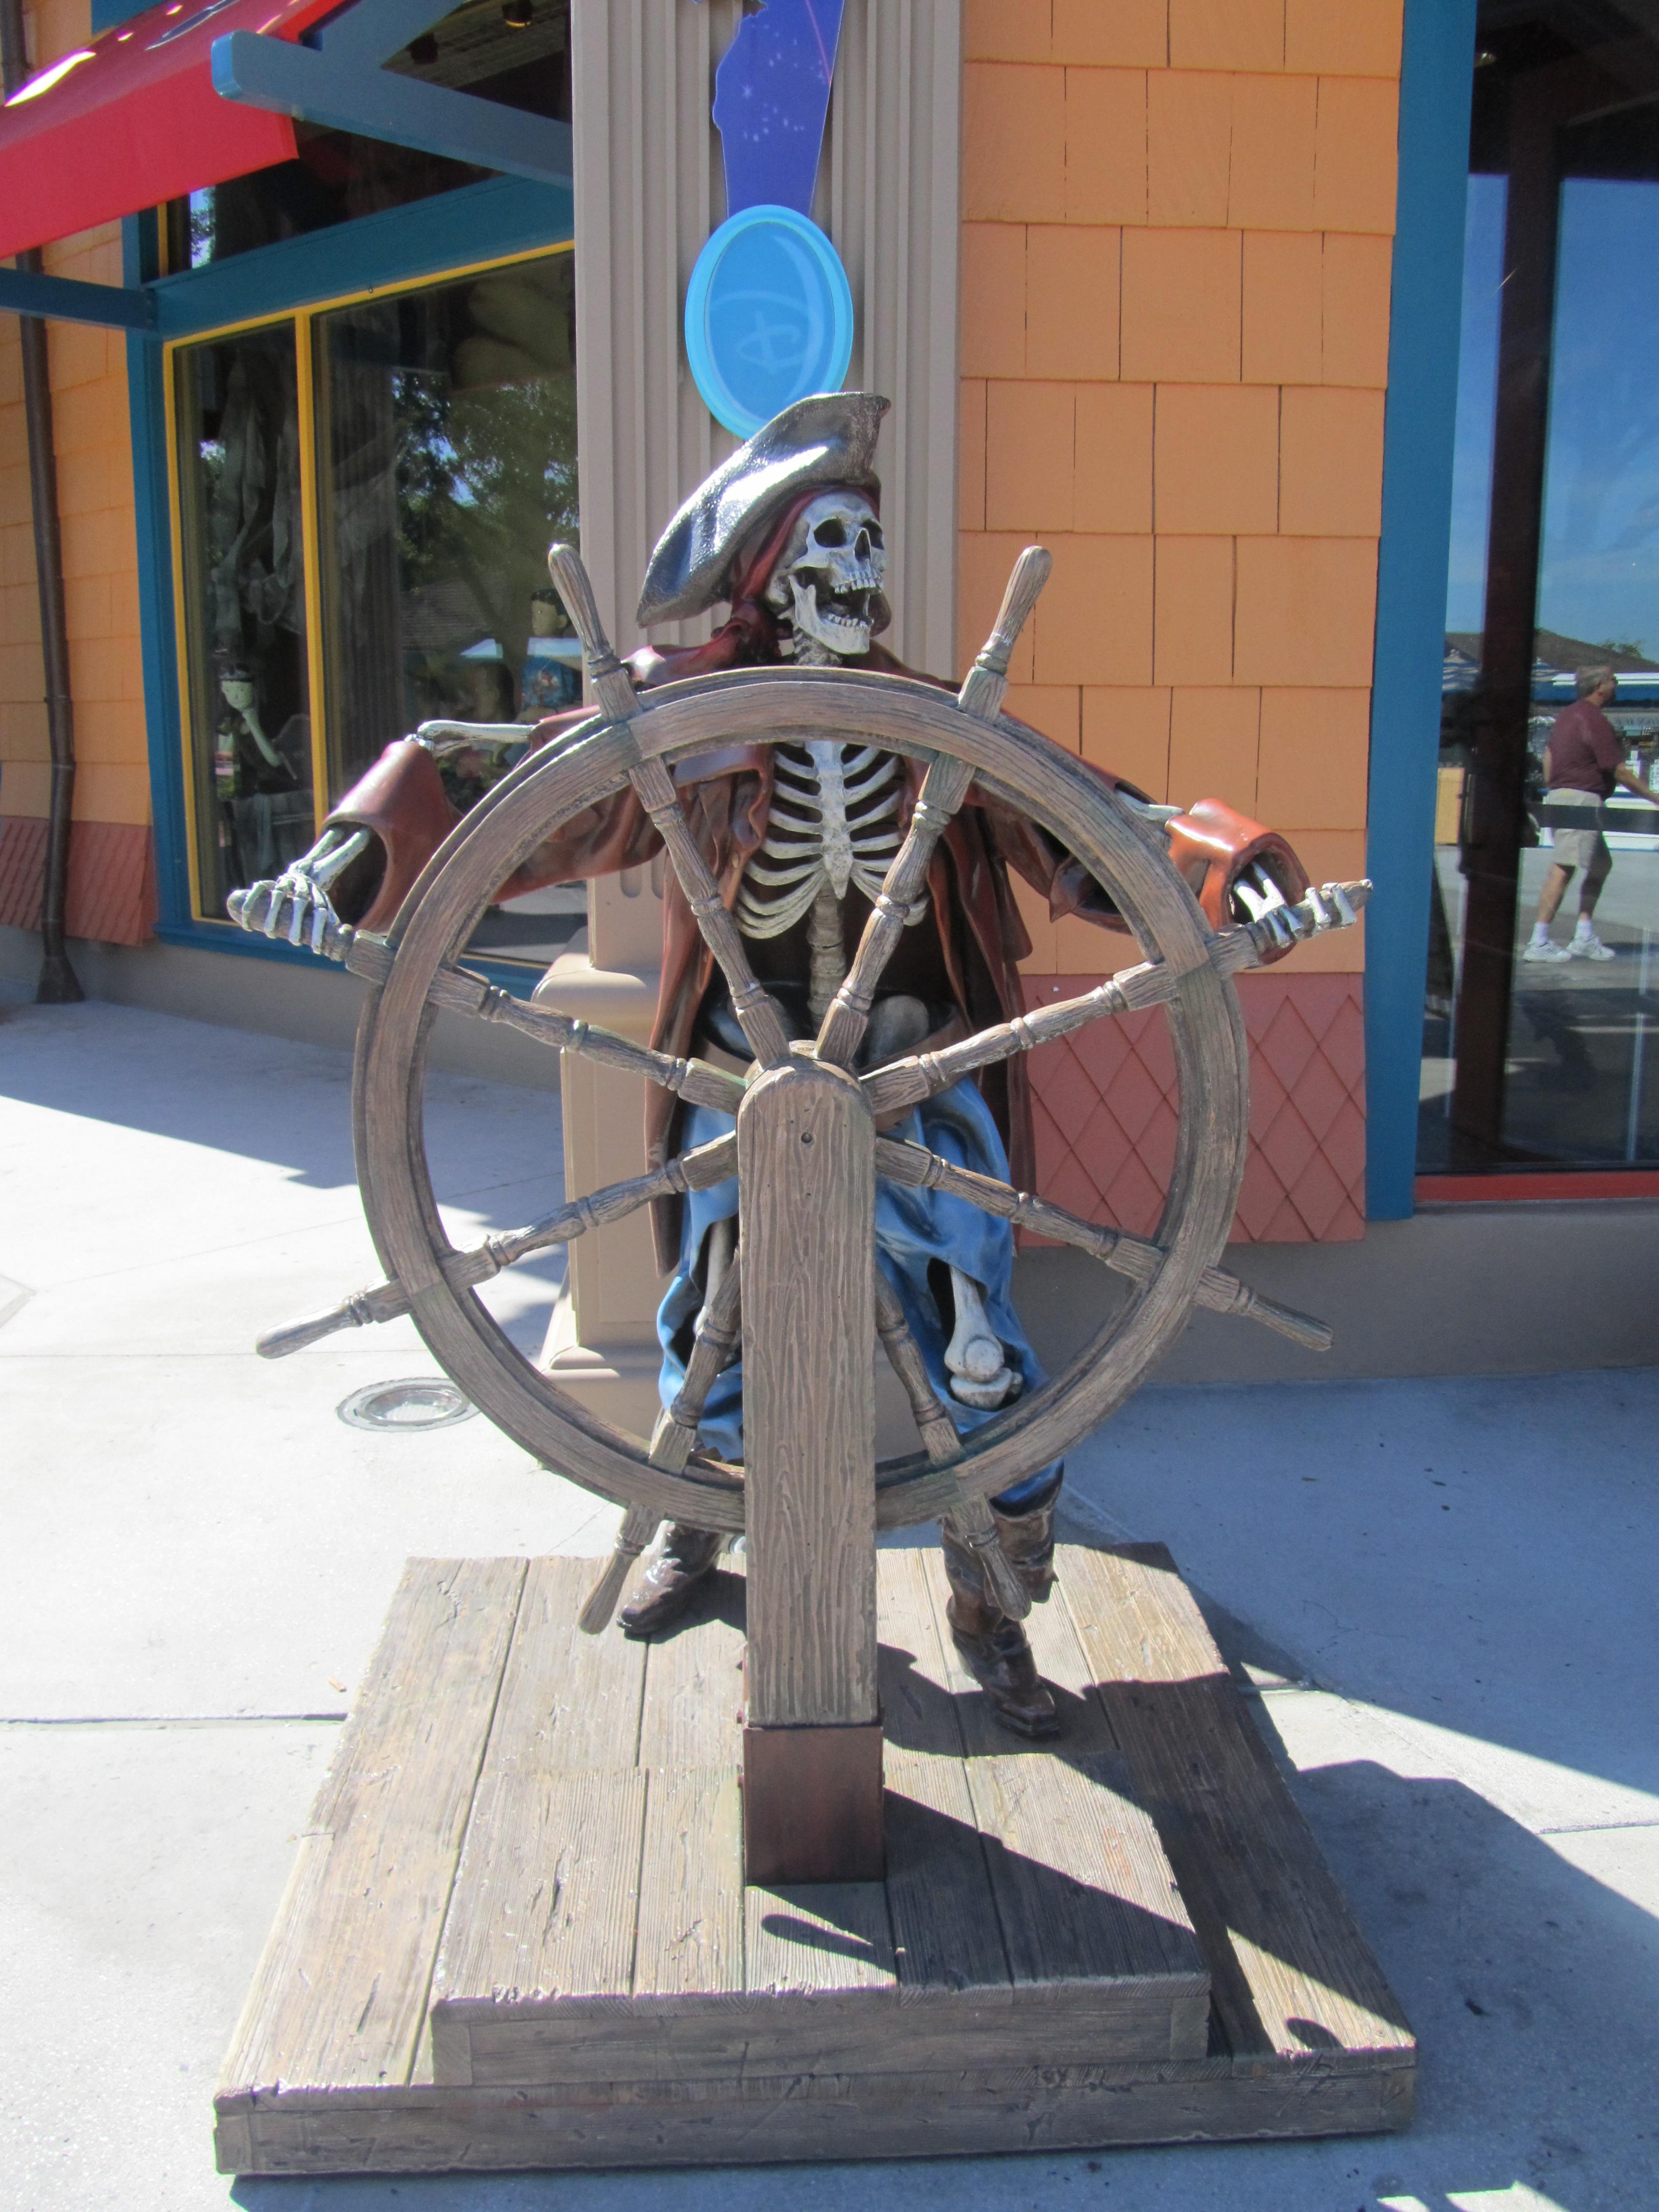 Fotos gratis : hombre, madera, rueda, antiguo, estatua, vehículo ...